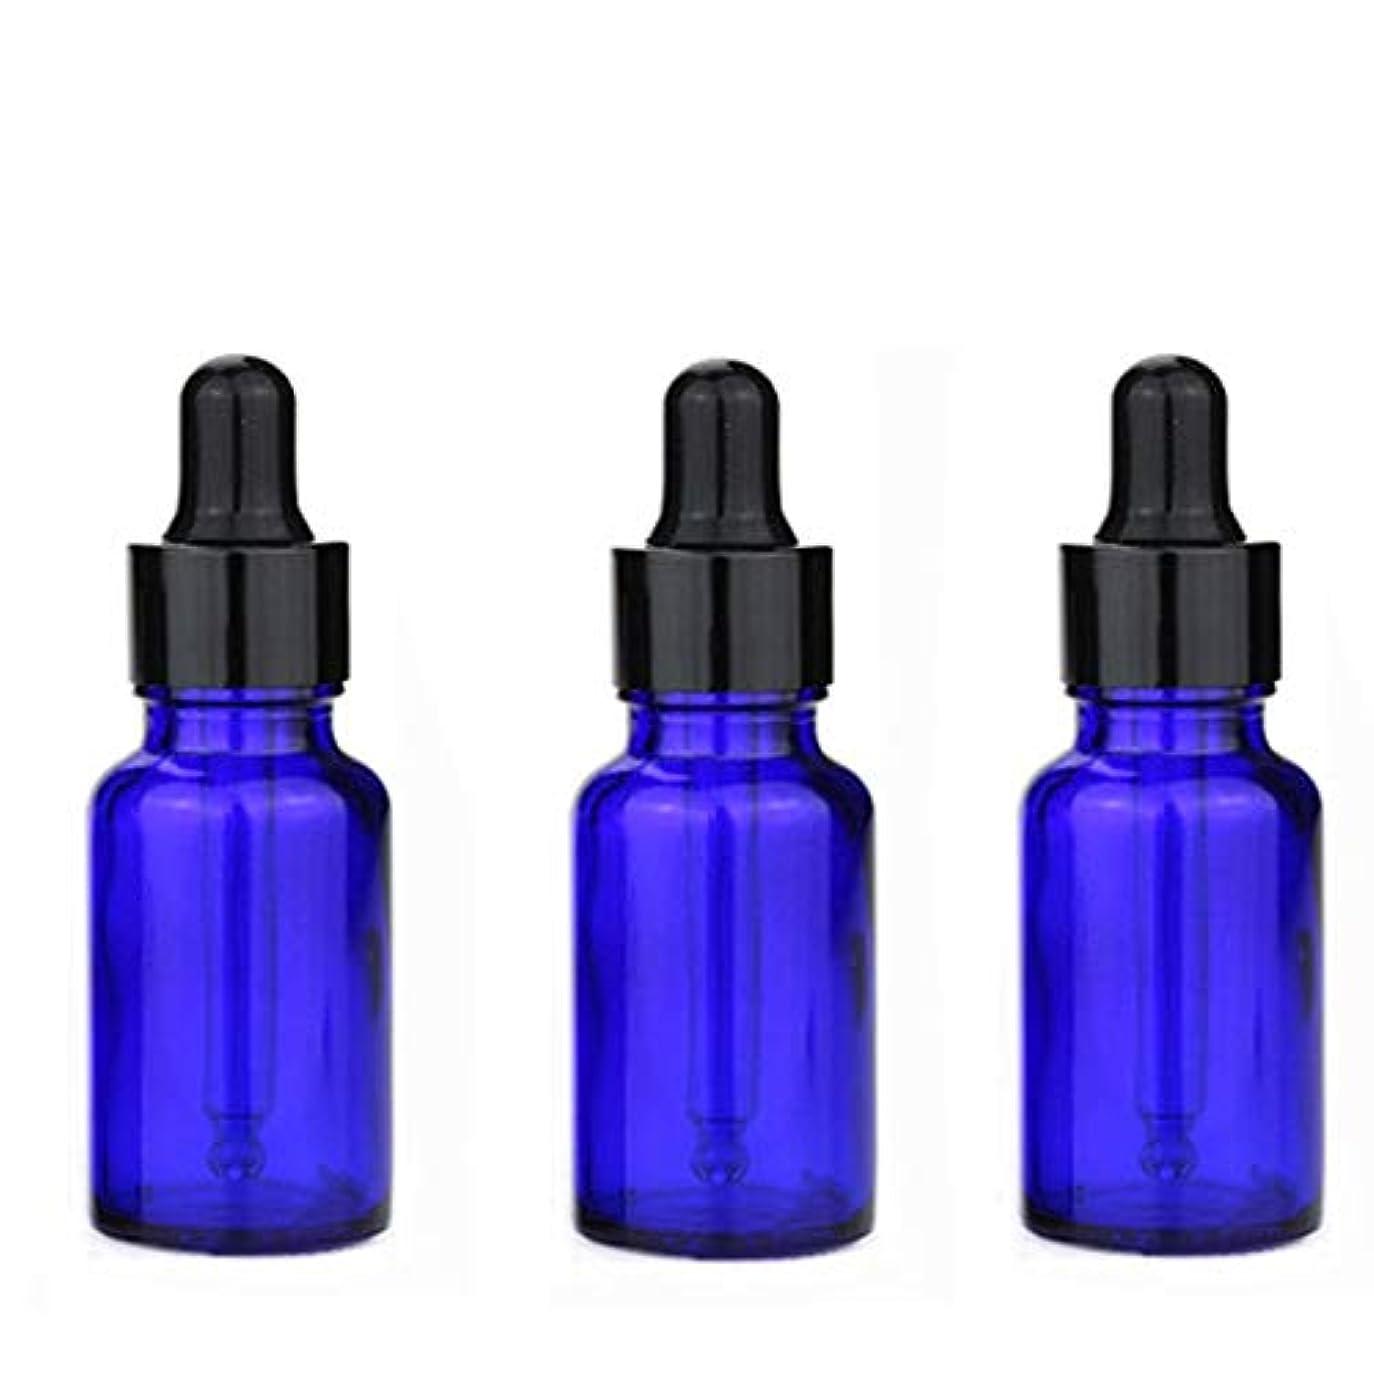 Aomgsd スポイト遮光瓶 アロマオイル 精油 小分け用 スポイト キャップ 遮光瓶 保存 詰替え ガラス製 オイル用 20ml 3本セット (青)